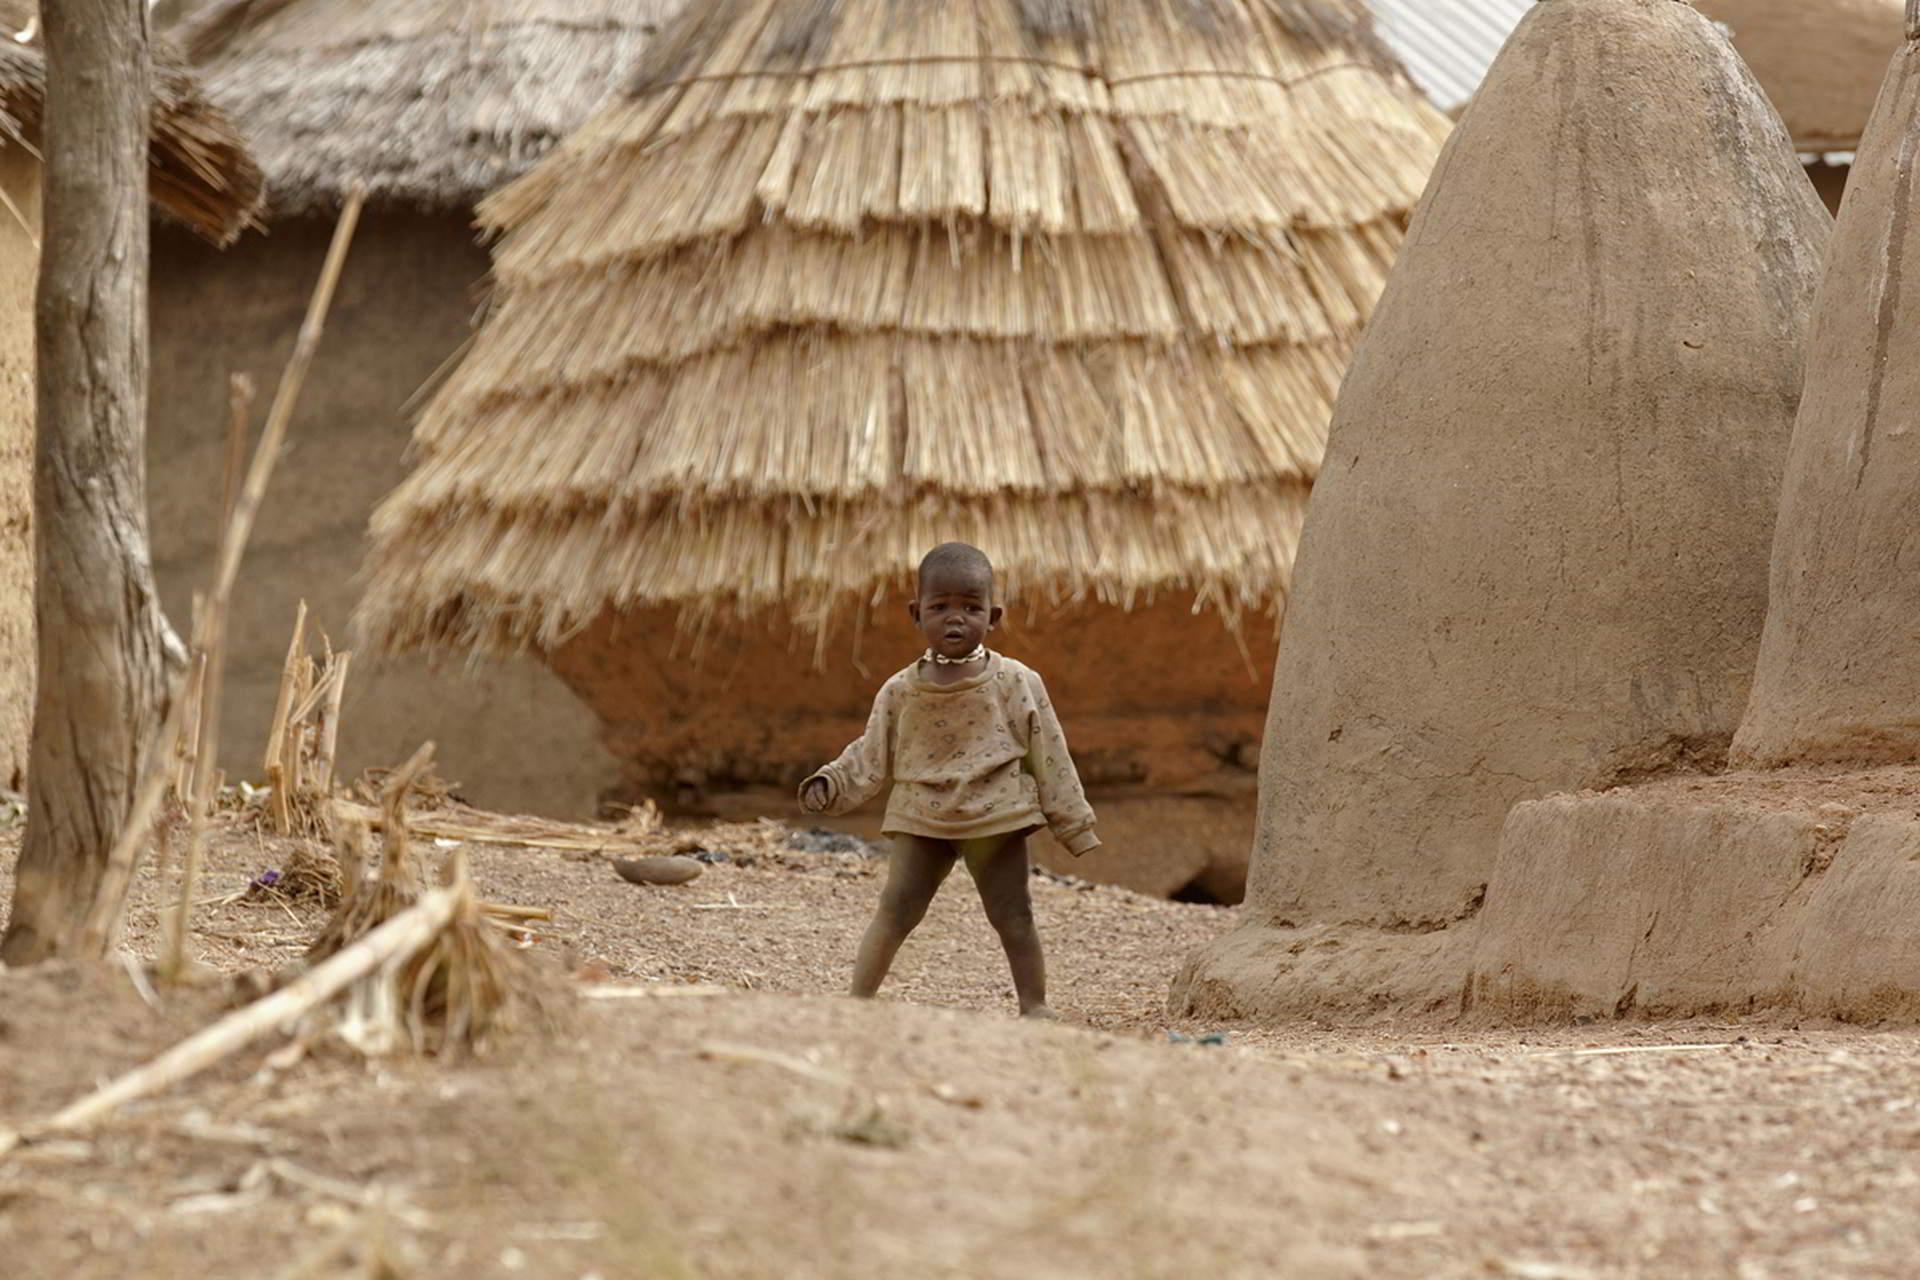 Togo2012 - Togo_2012_120.jpg